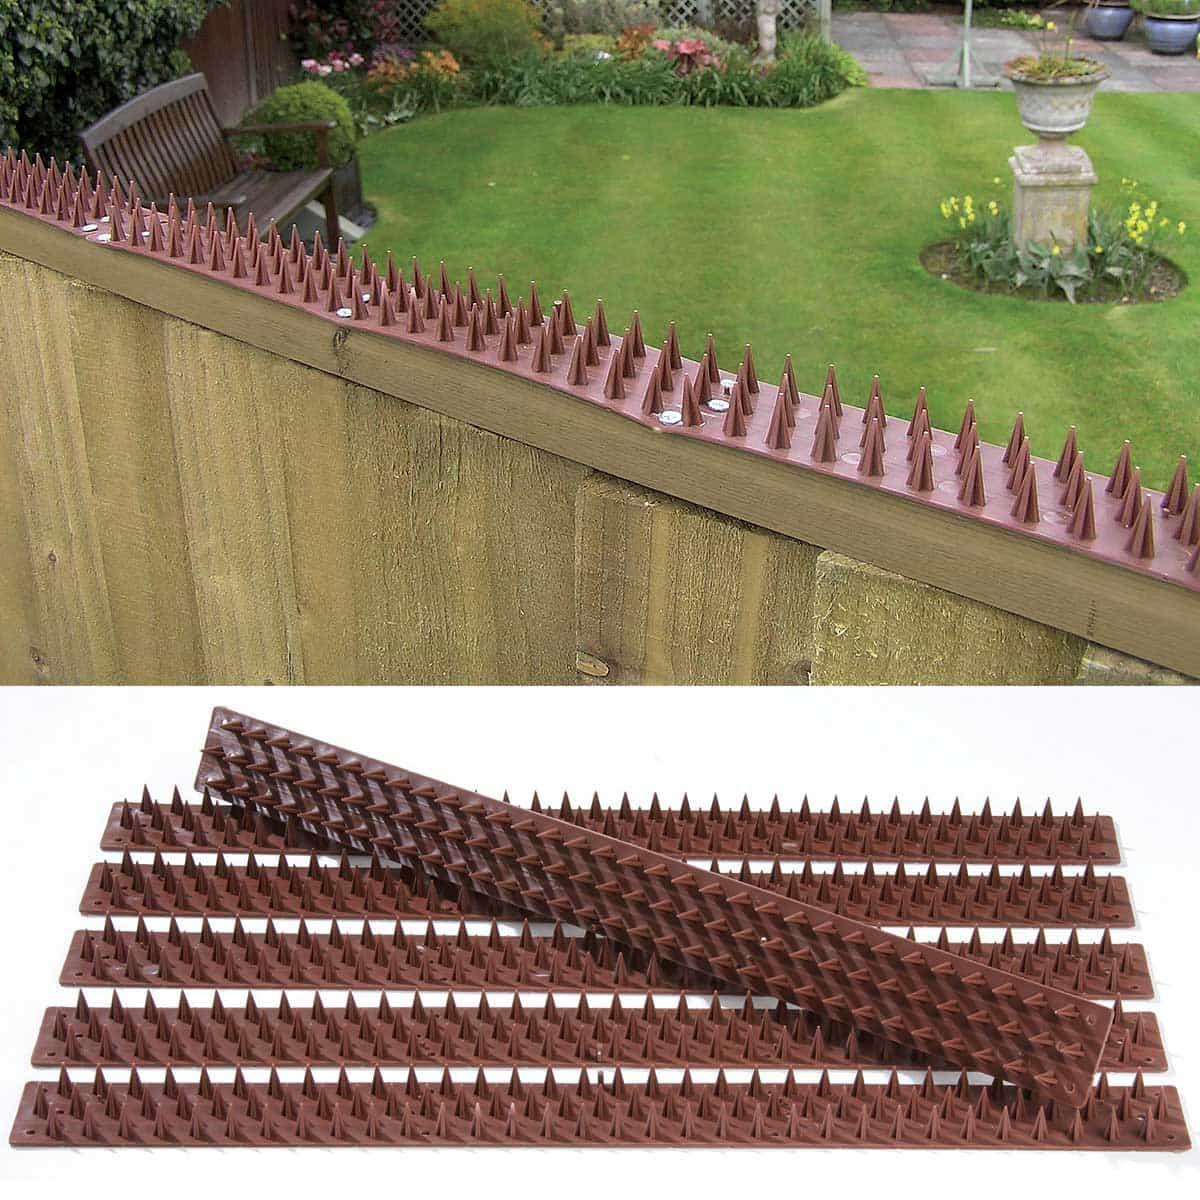 barriere anti pigeons inoffensive 3m de long en plastique recycle